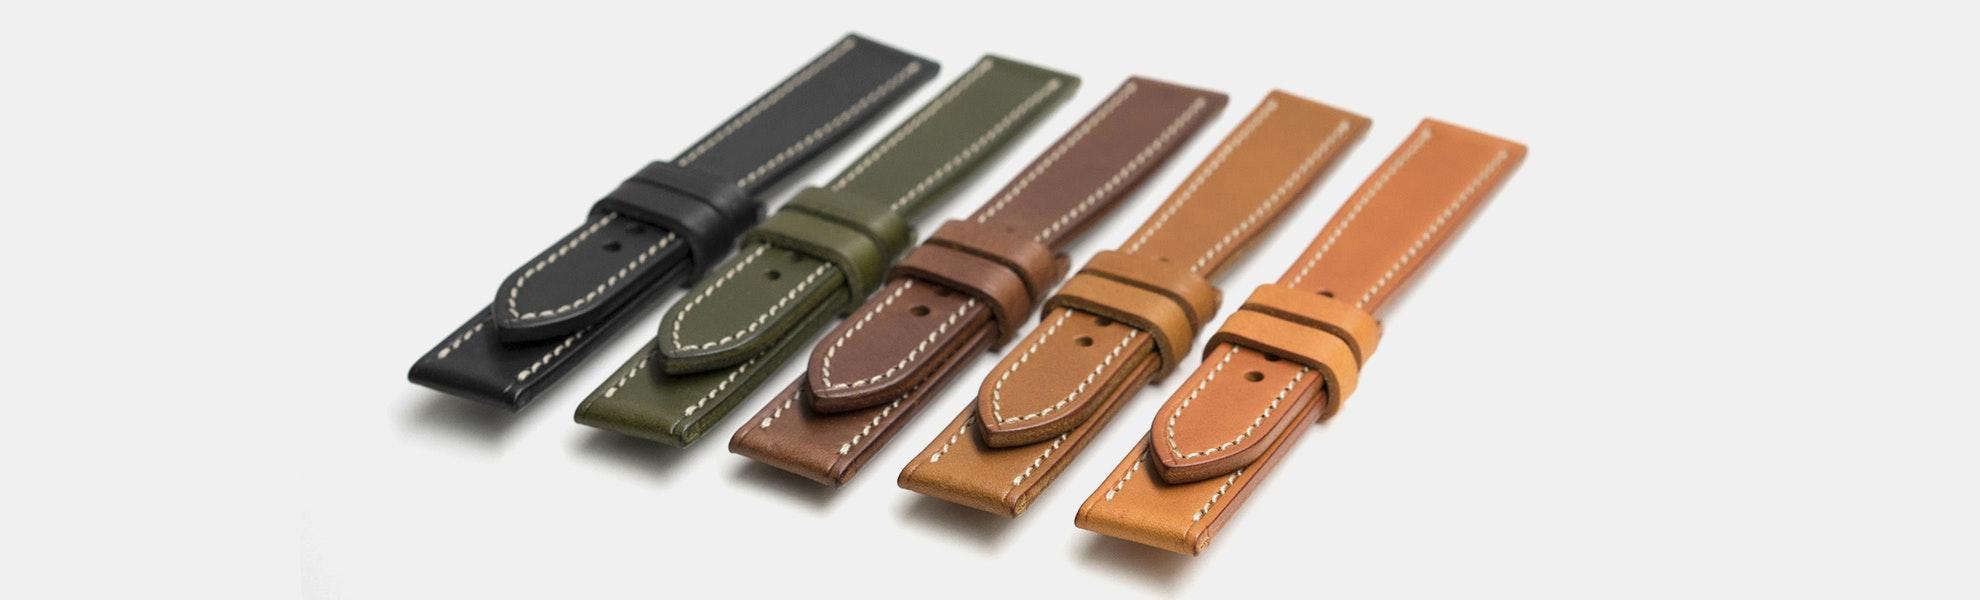 Vulture Premium Minerva Liscio Leather Watch Straps